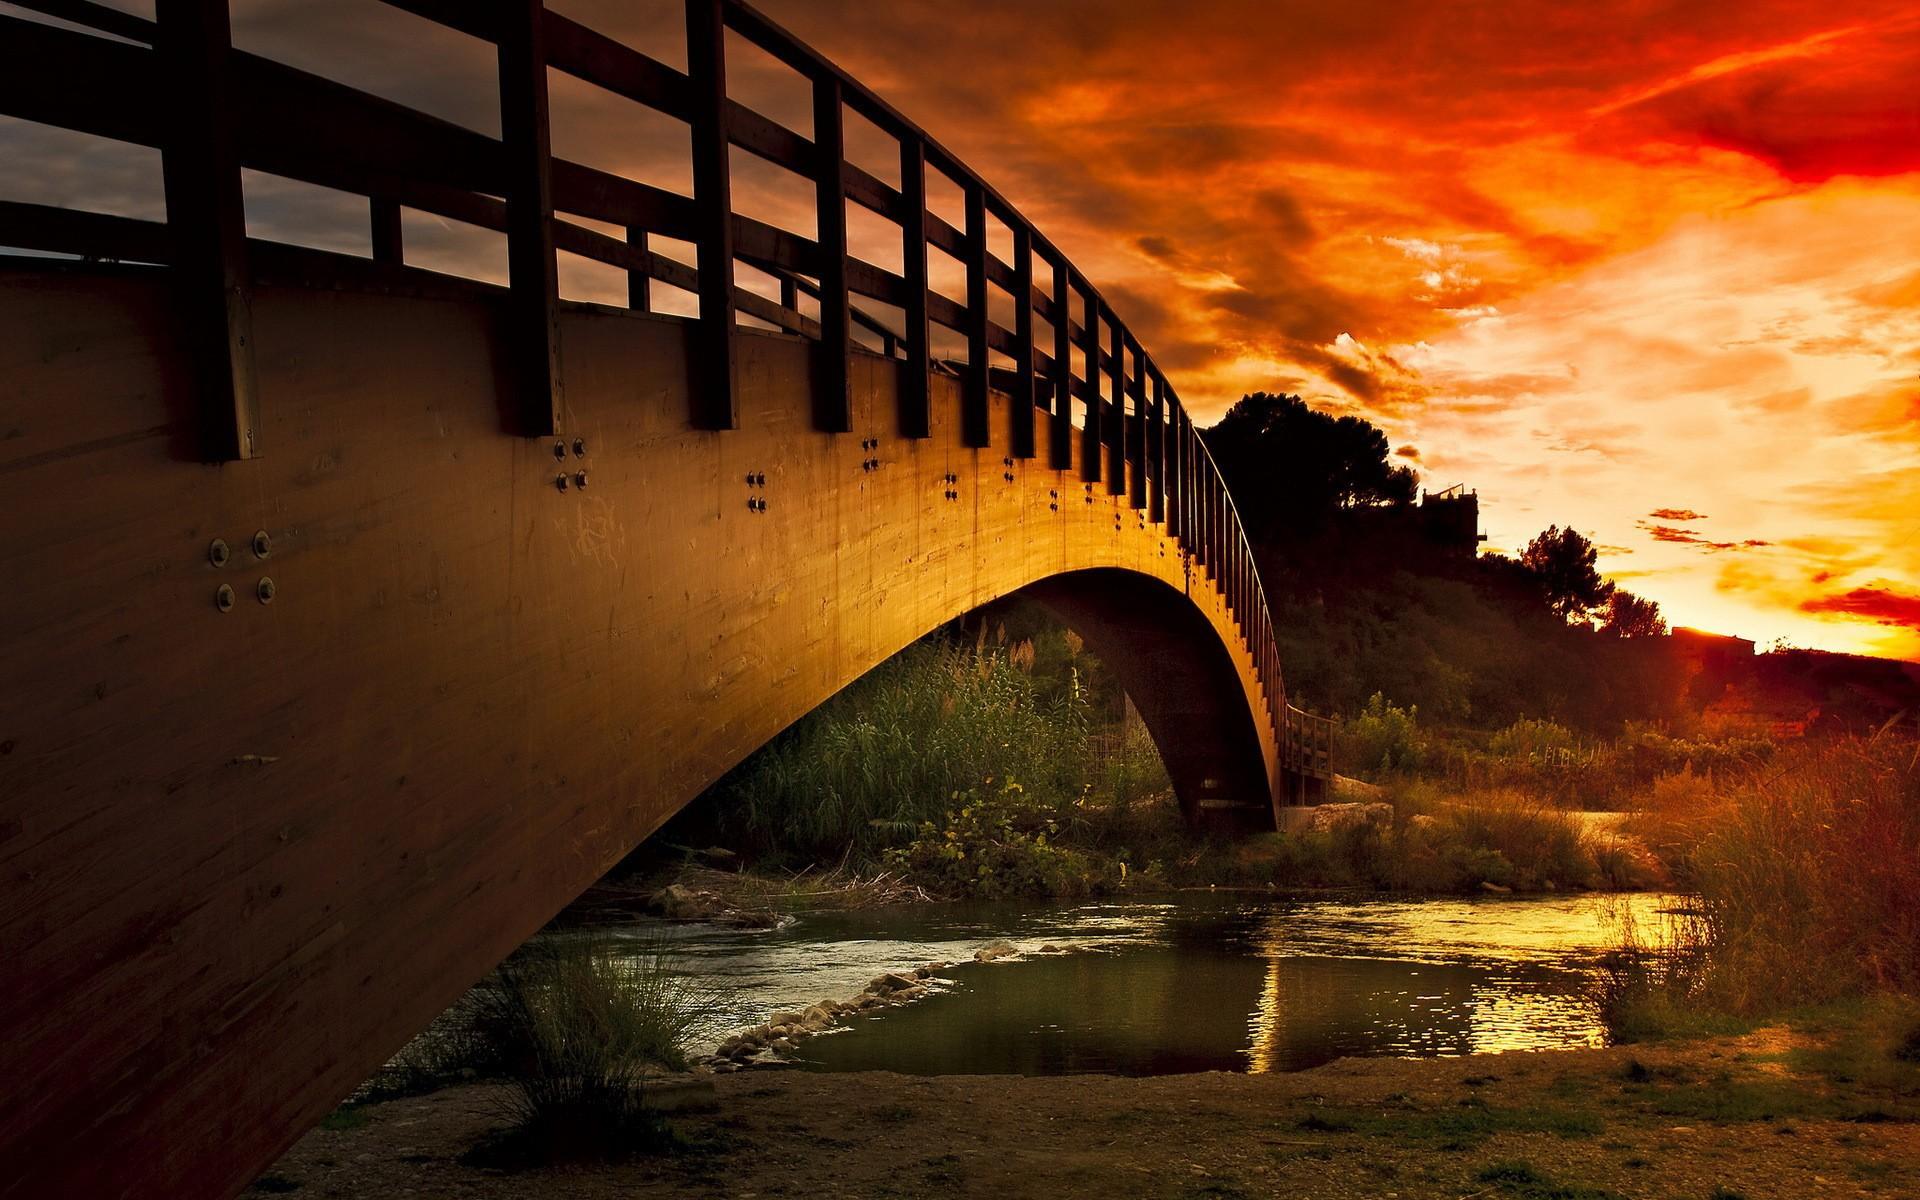 Puente al atardecer - 1920x1200